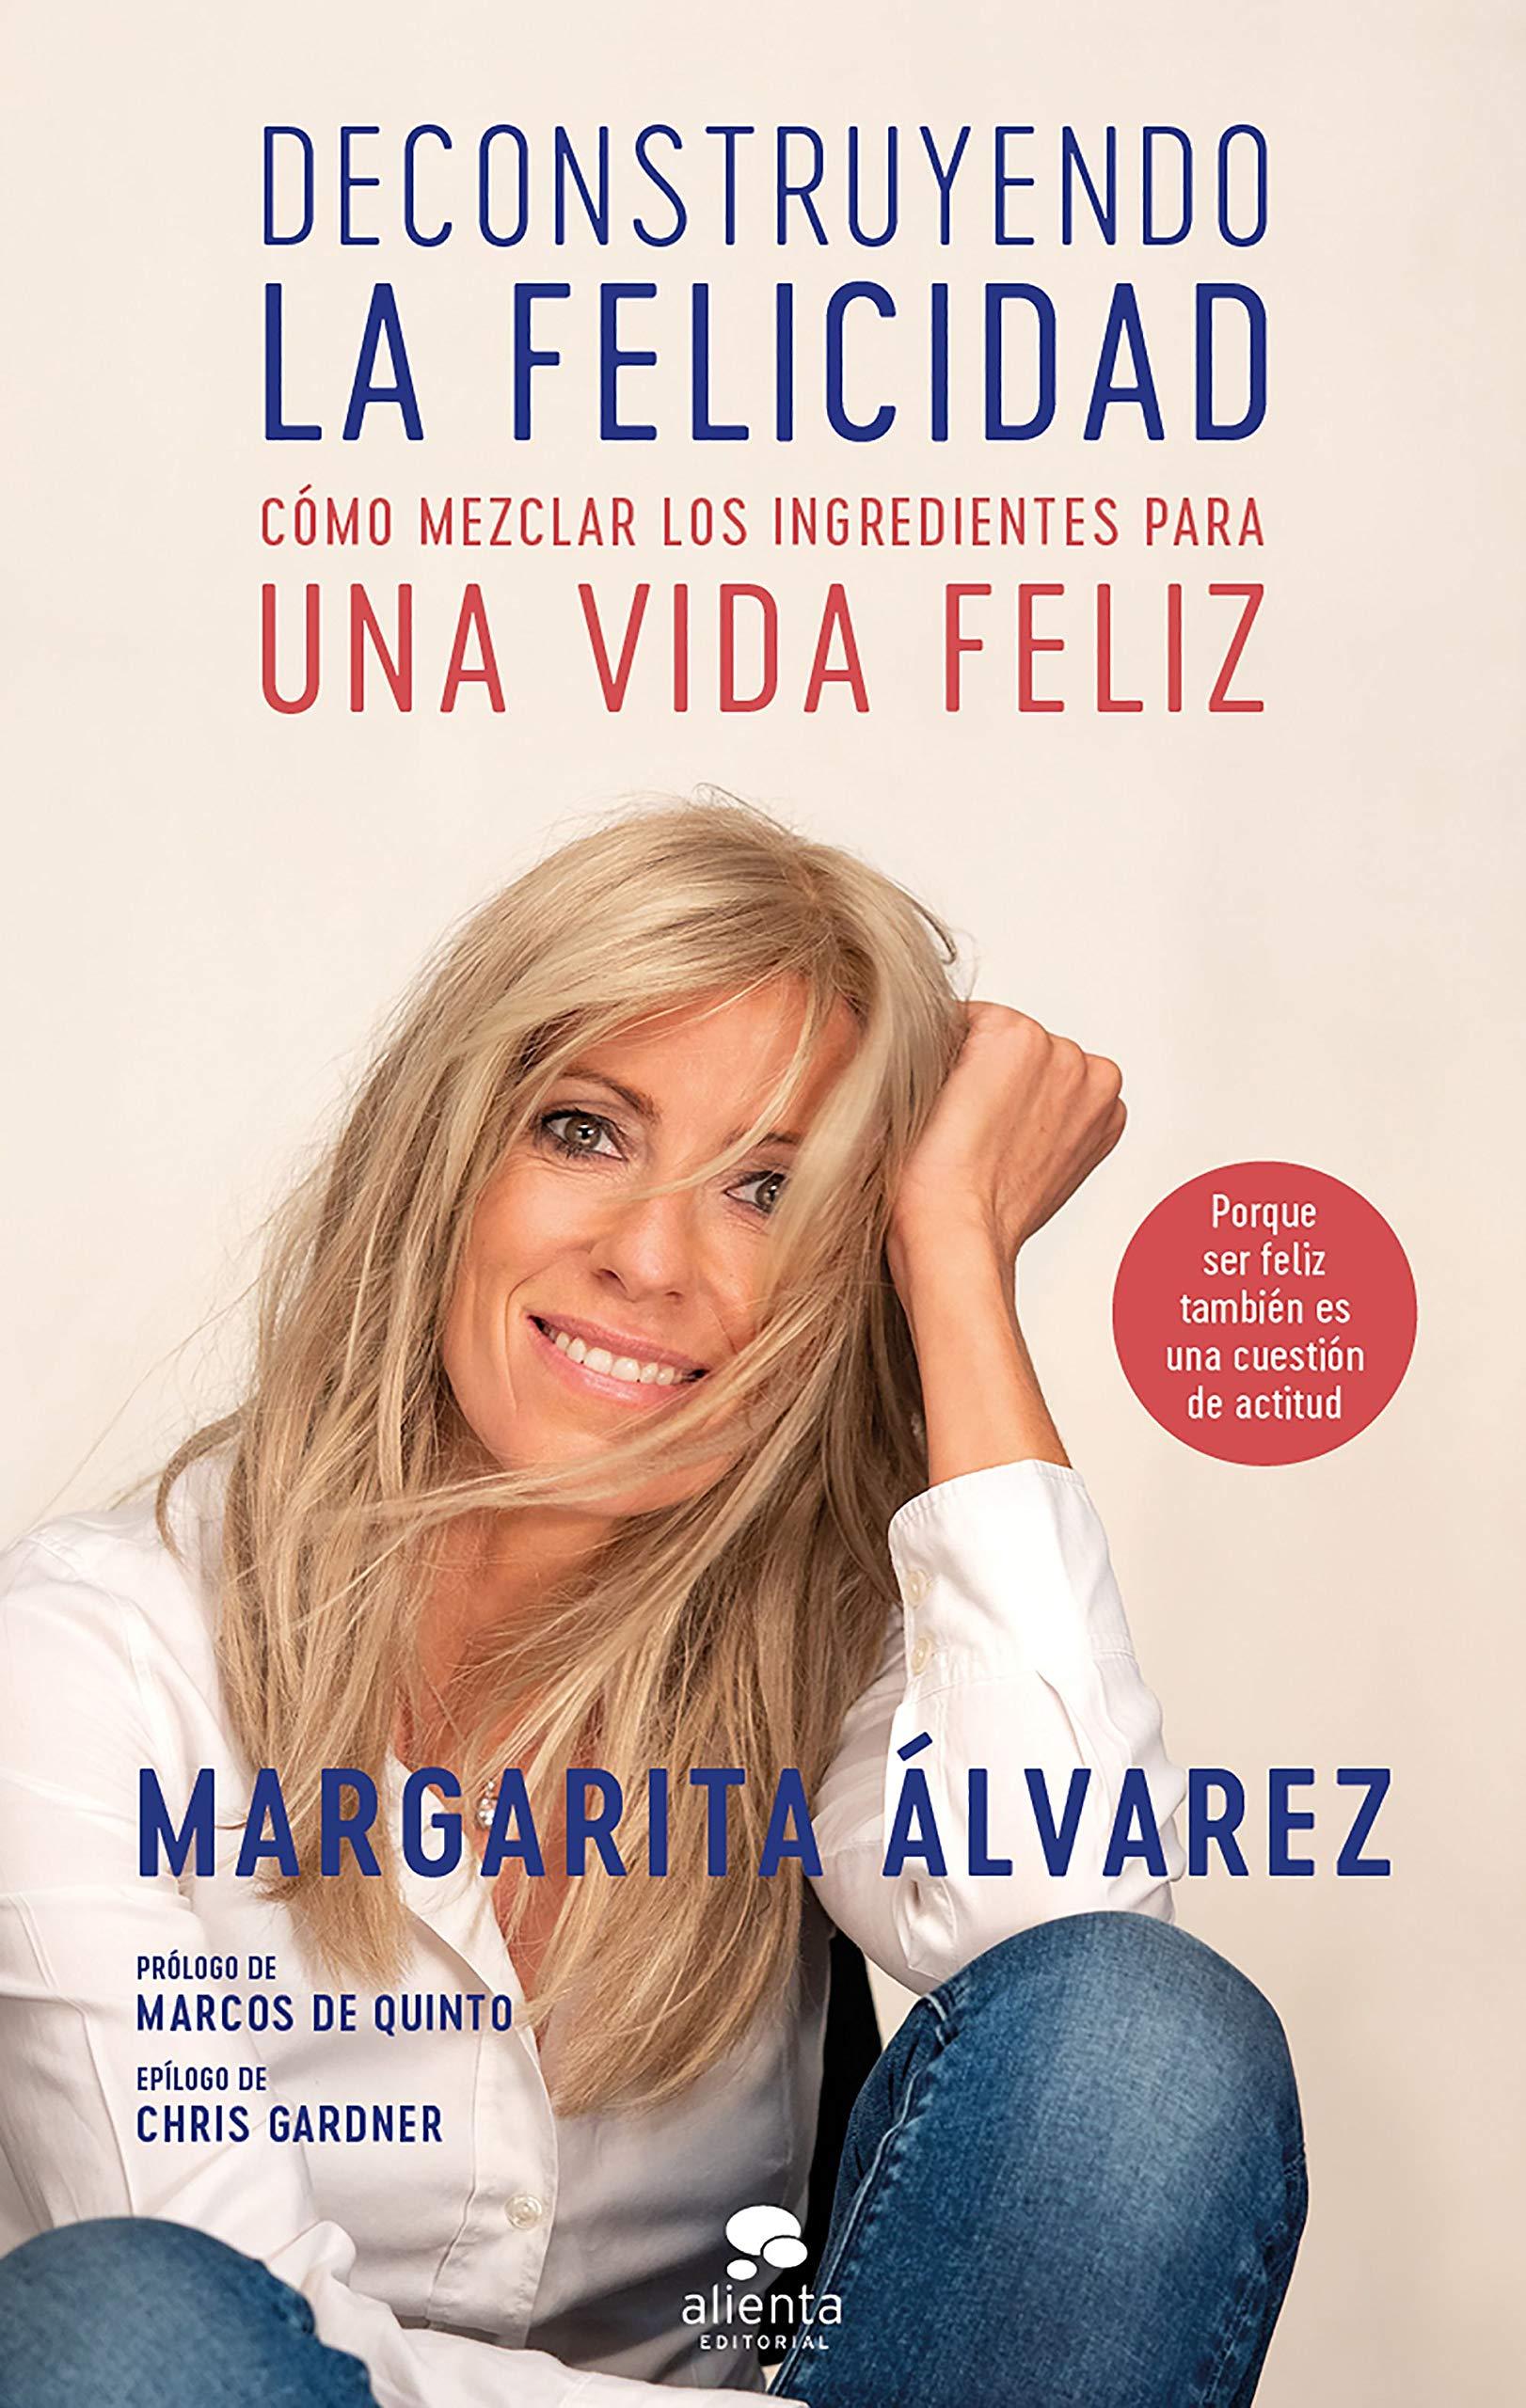 Deconstruyendo La Felicidad Cómo Mezclar Los Ingredientes Para Una Vida Feliz Coleccion Alienta Spanish Edition álvarez Margarita 9788417568344 Books